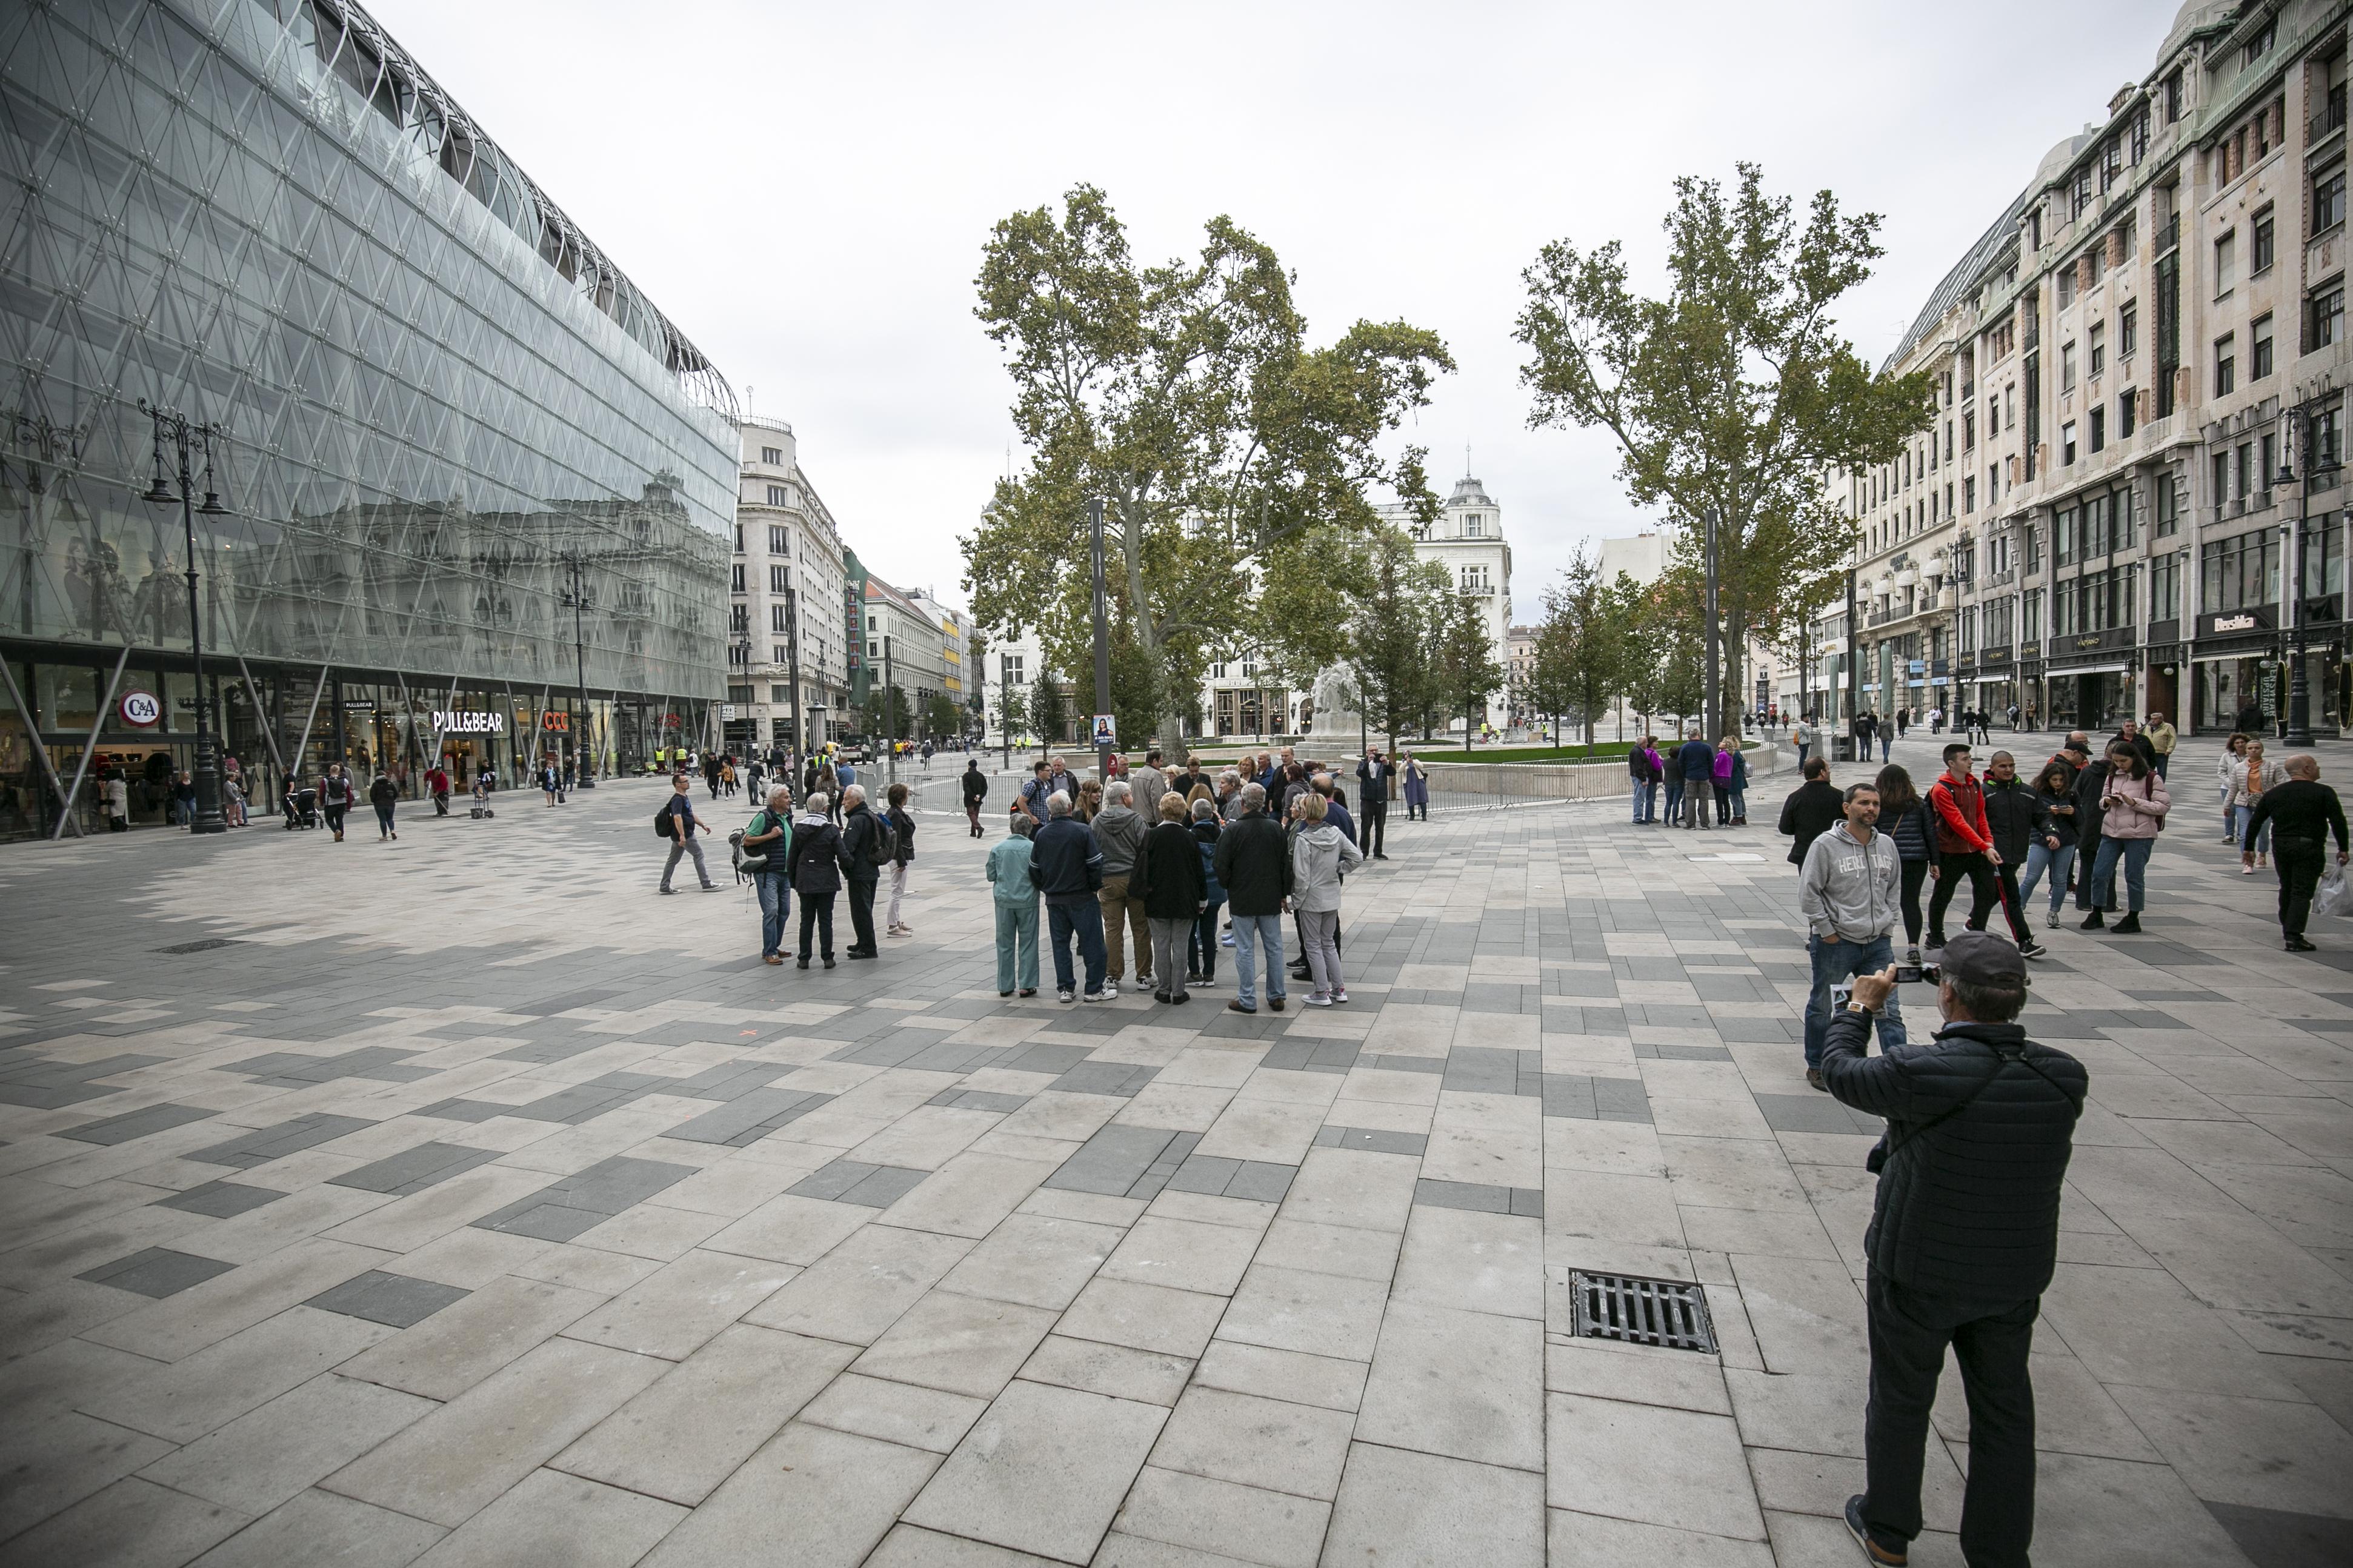 Tavaly már több mint 120 lakás ment el négyzetméterenként több mint egymillió forintért